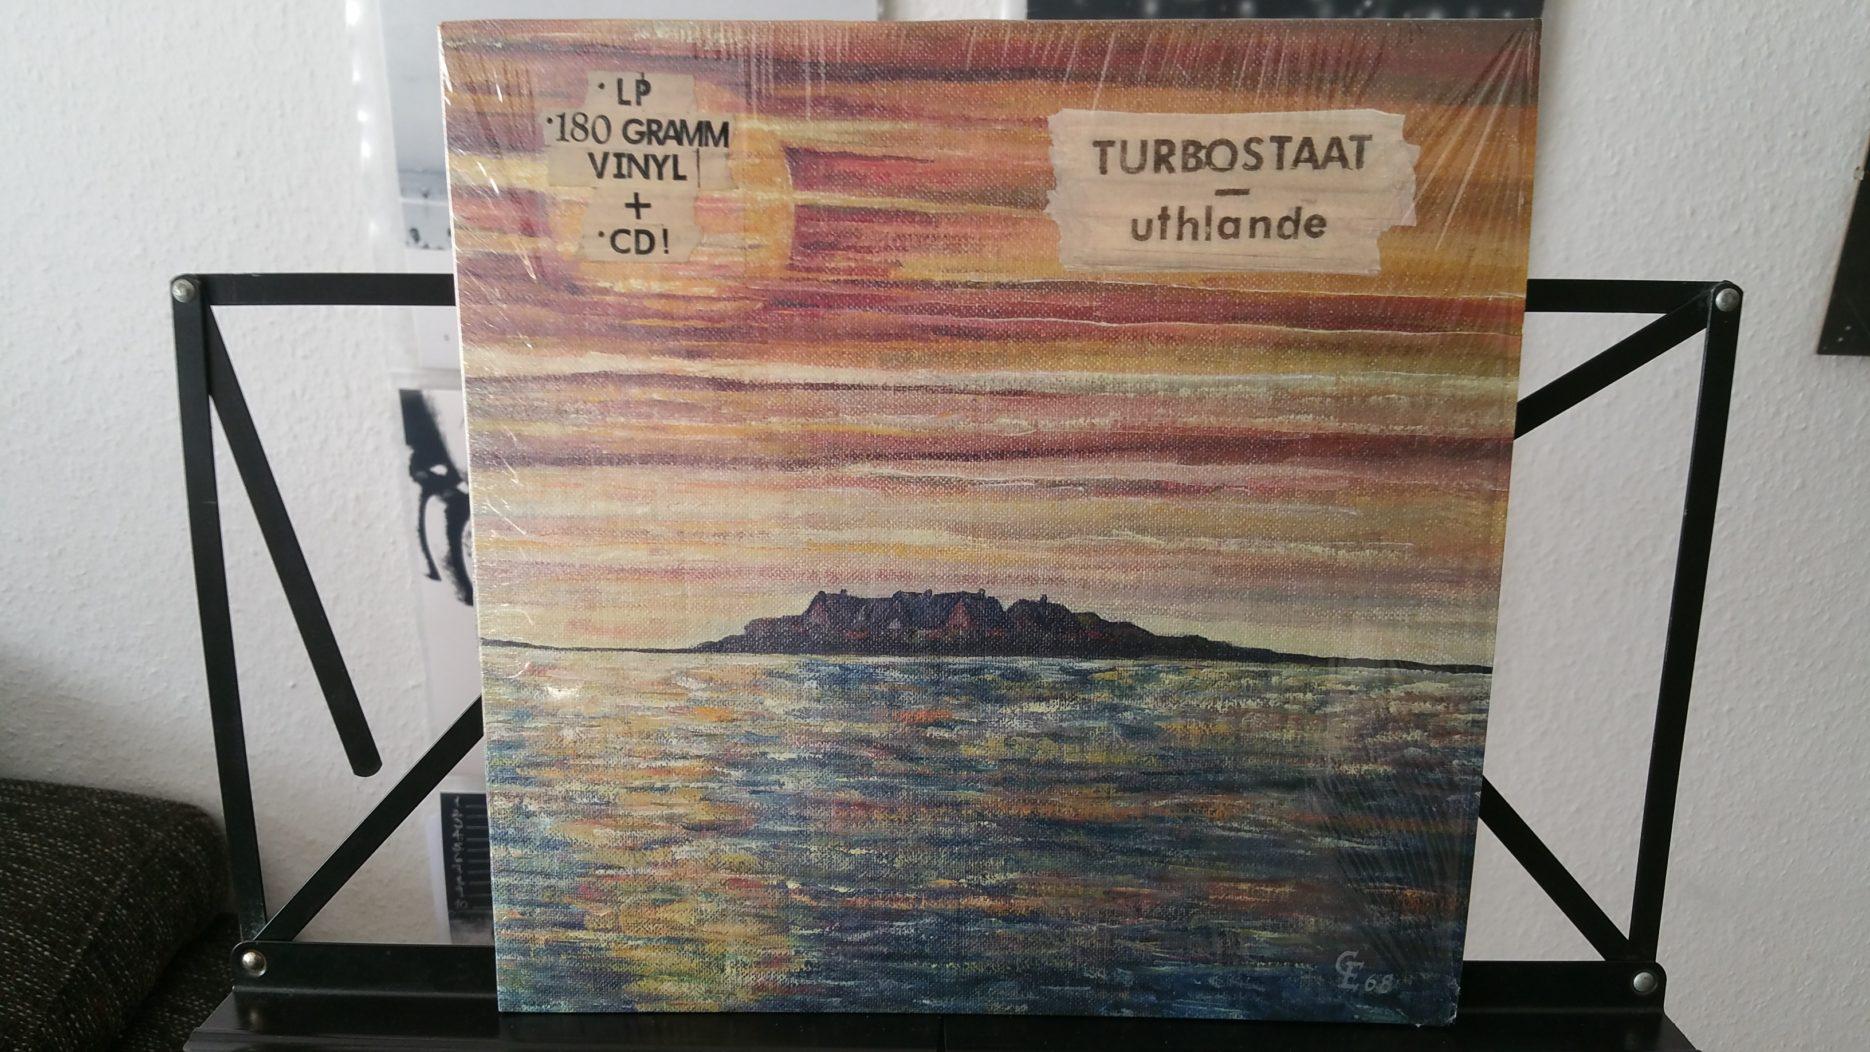 review: TURBOSTAAT – uthlande LP